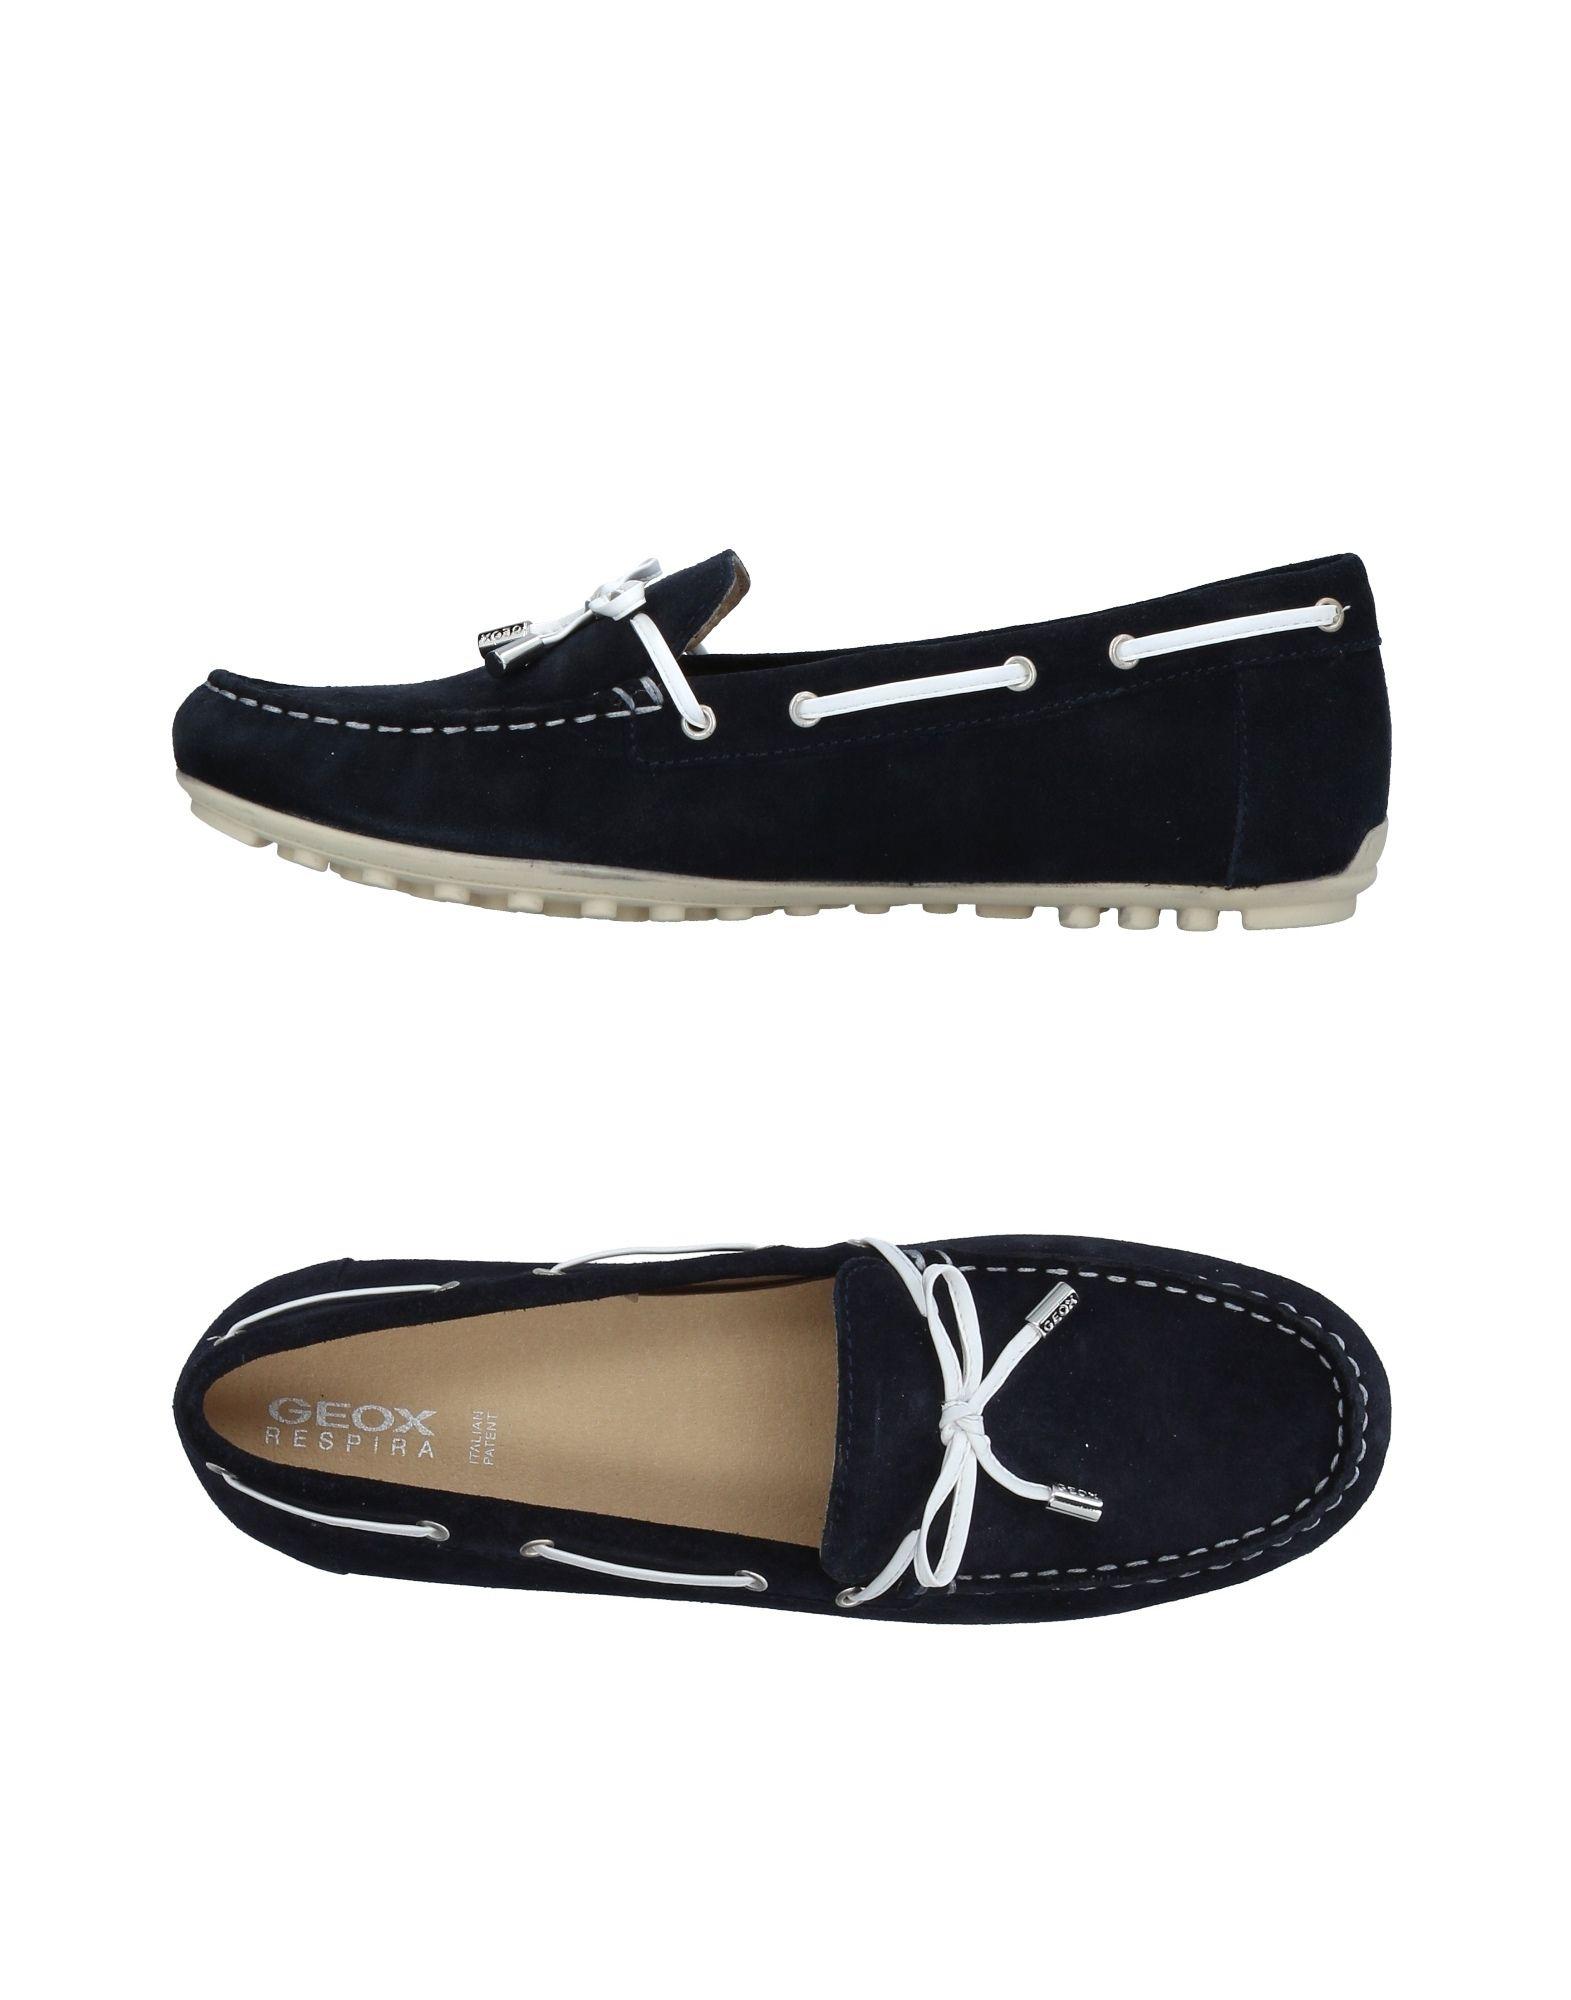 Geox Mokassins Damen  11392599JI Heiße Heiße 11392599JI Schuhe 774474